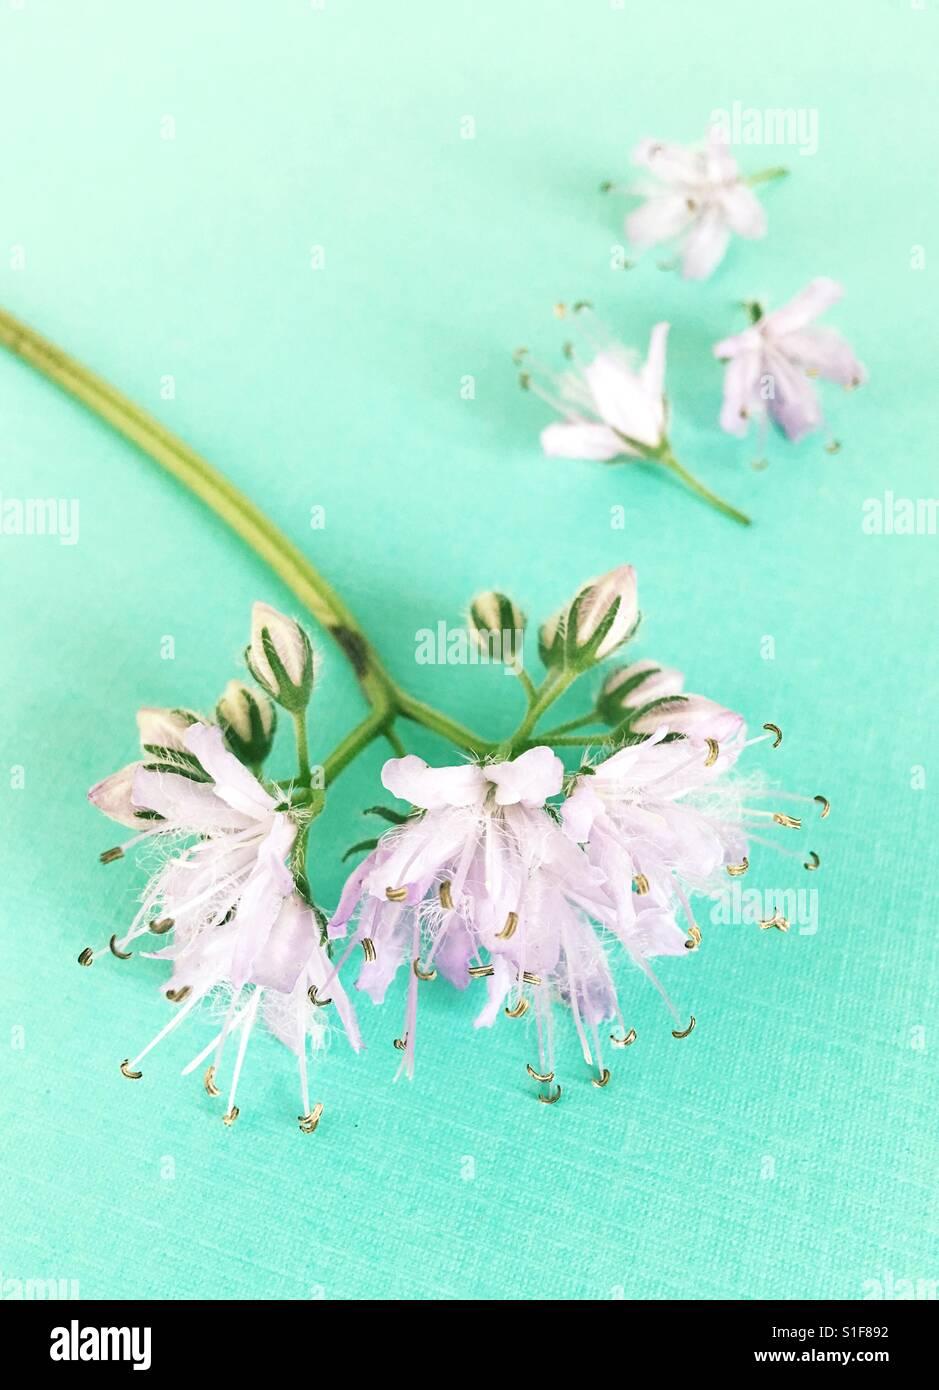 Die Teile einer Blume mit gefallenen aus. Stockbild